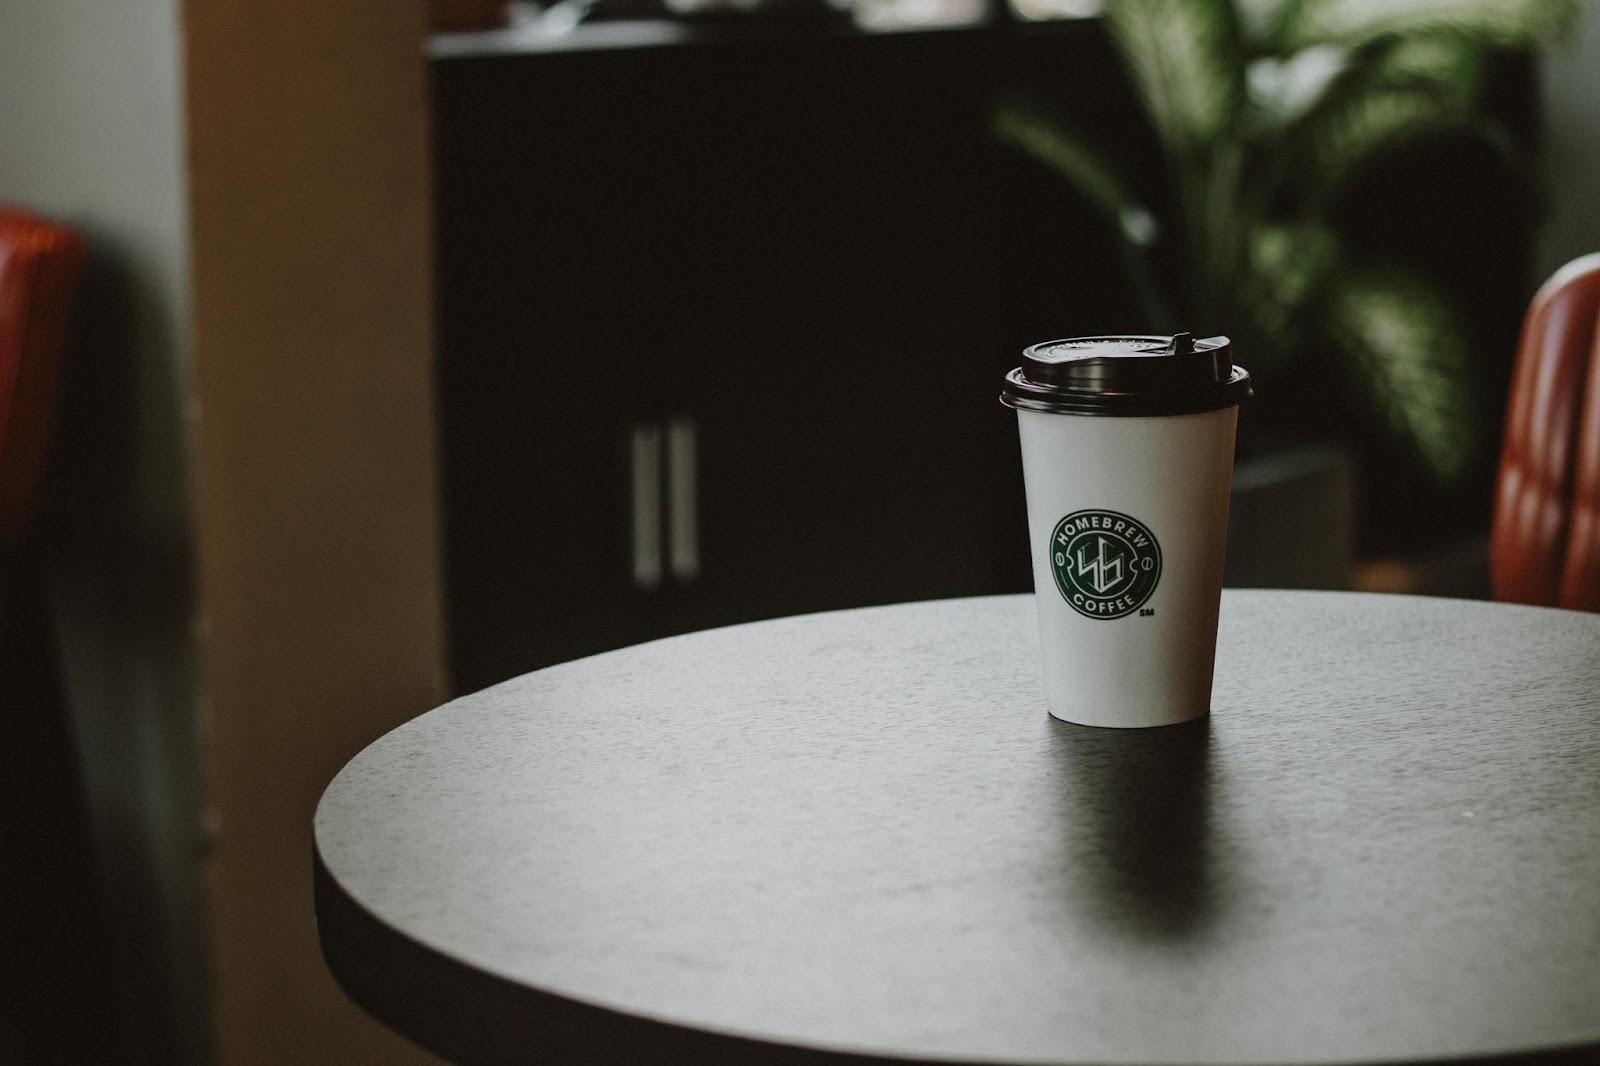 THƯ GIÃN TẠI 5 QUÁN CAFE PHONG CÁCH TỐI GIẢN Ở QUY NHƠN 34